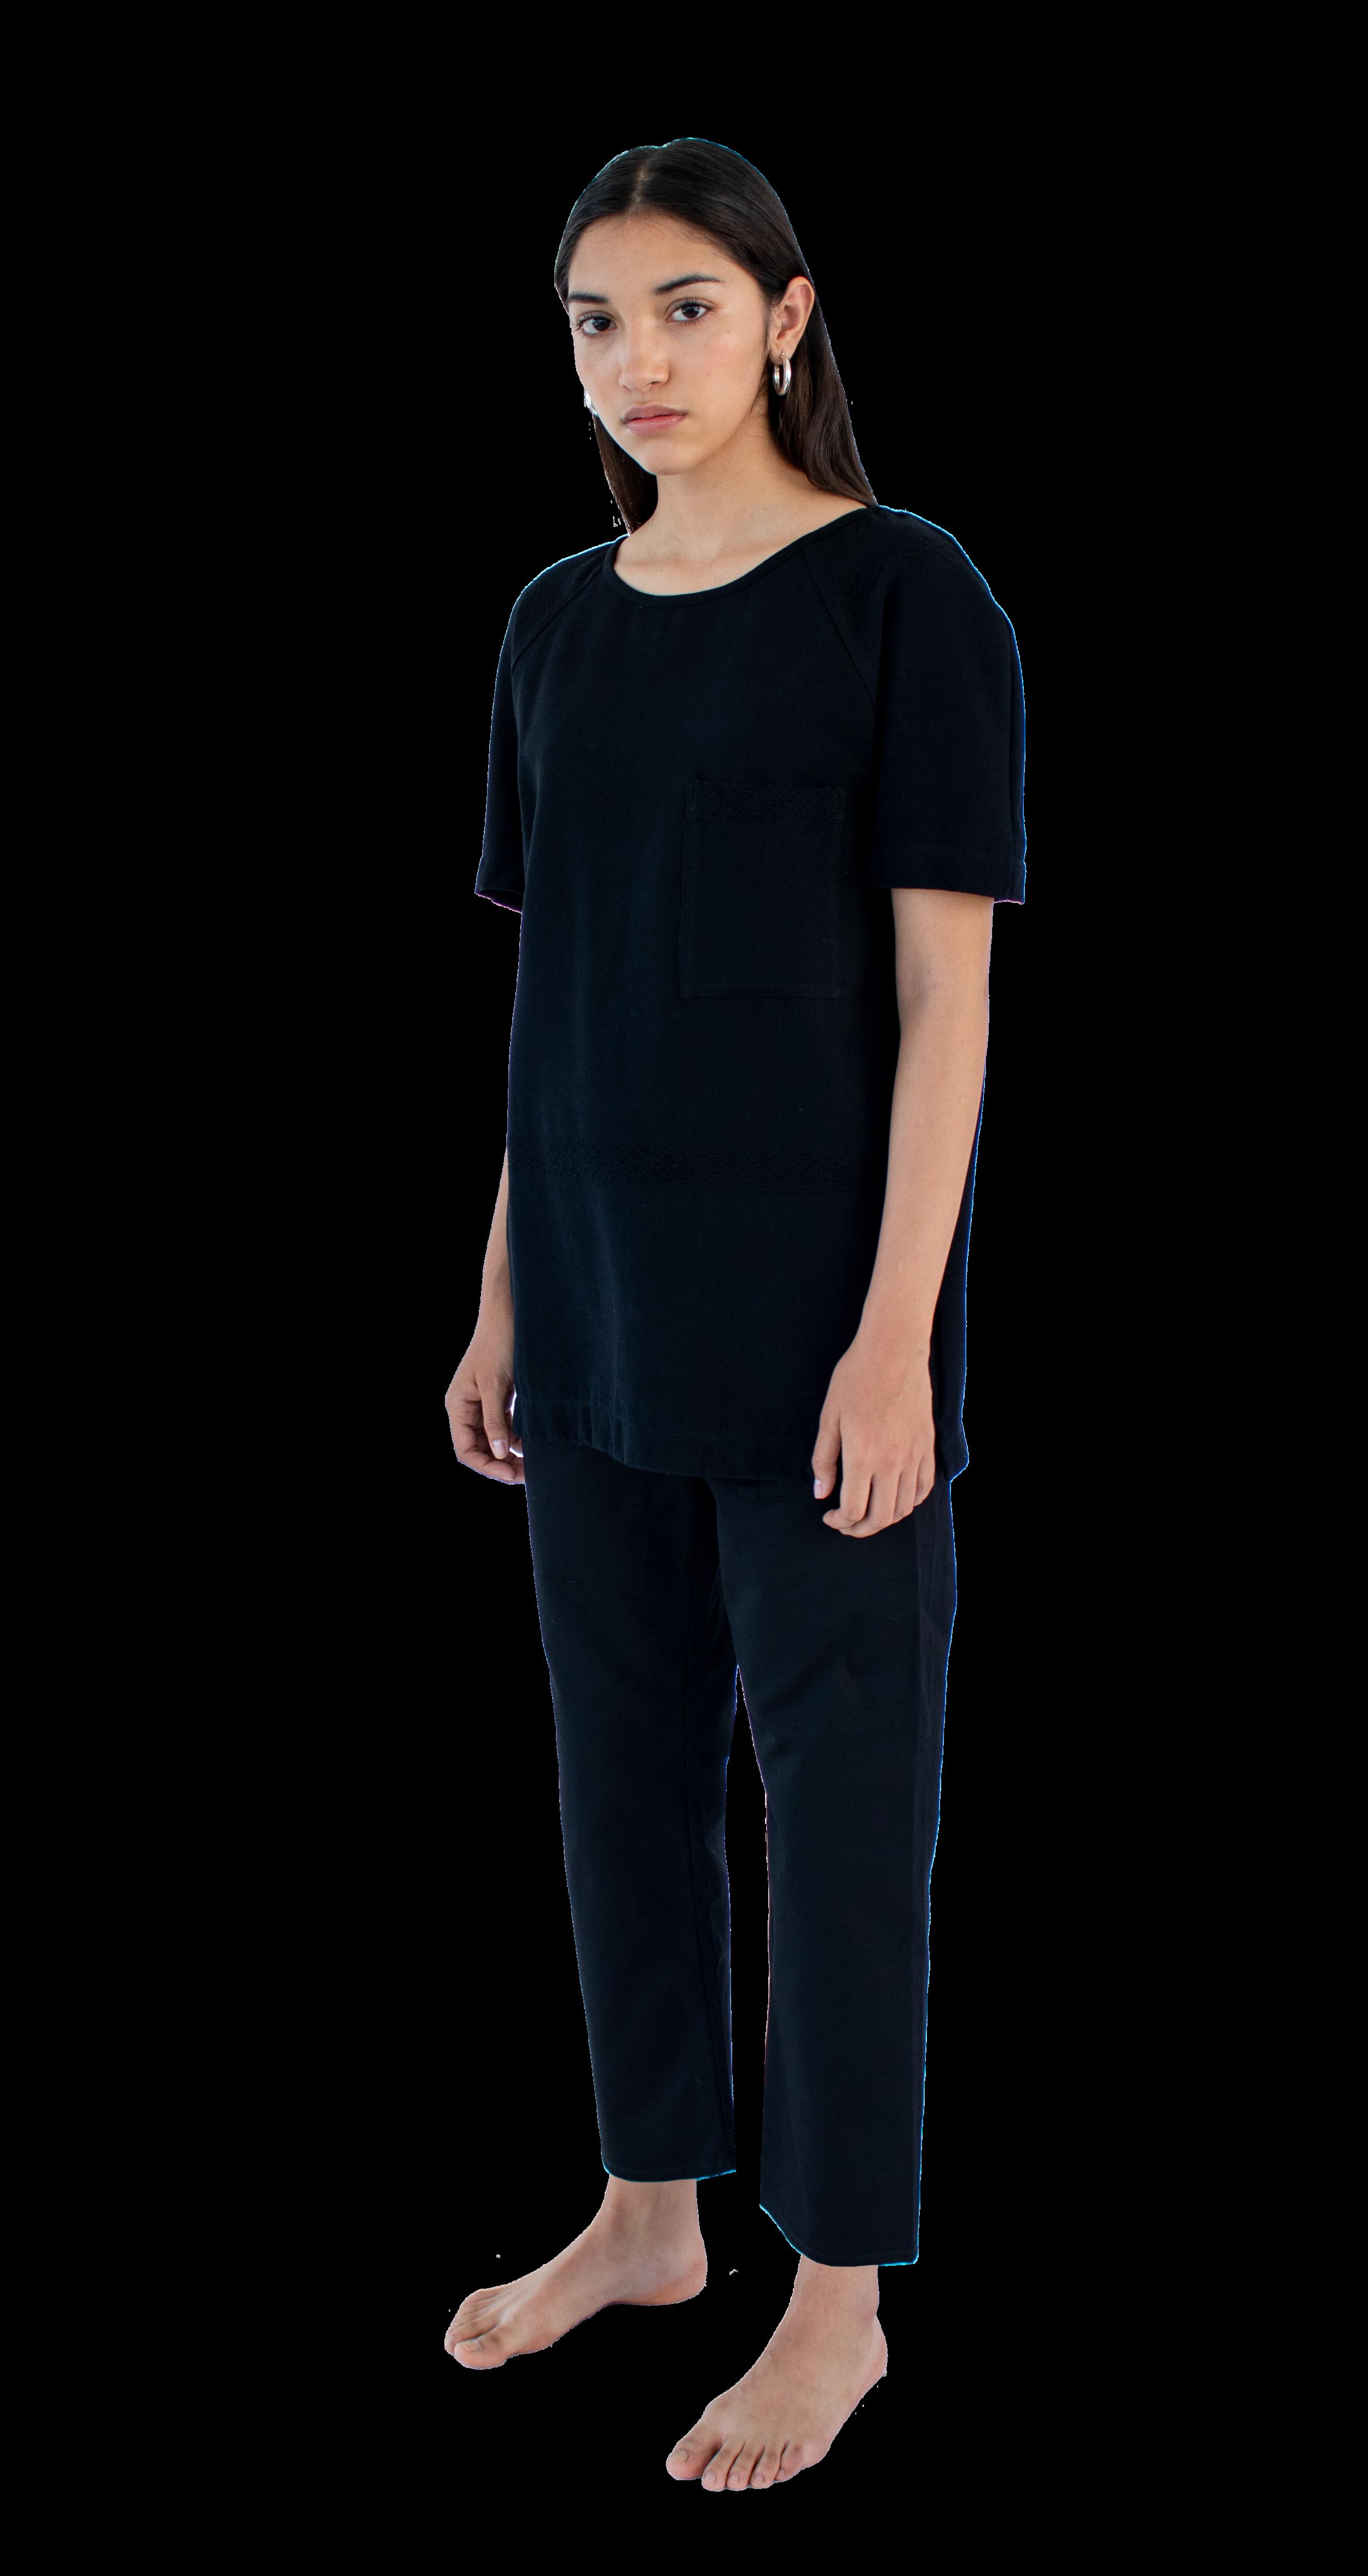 shirt negro.png